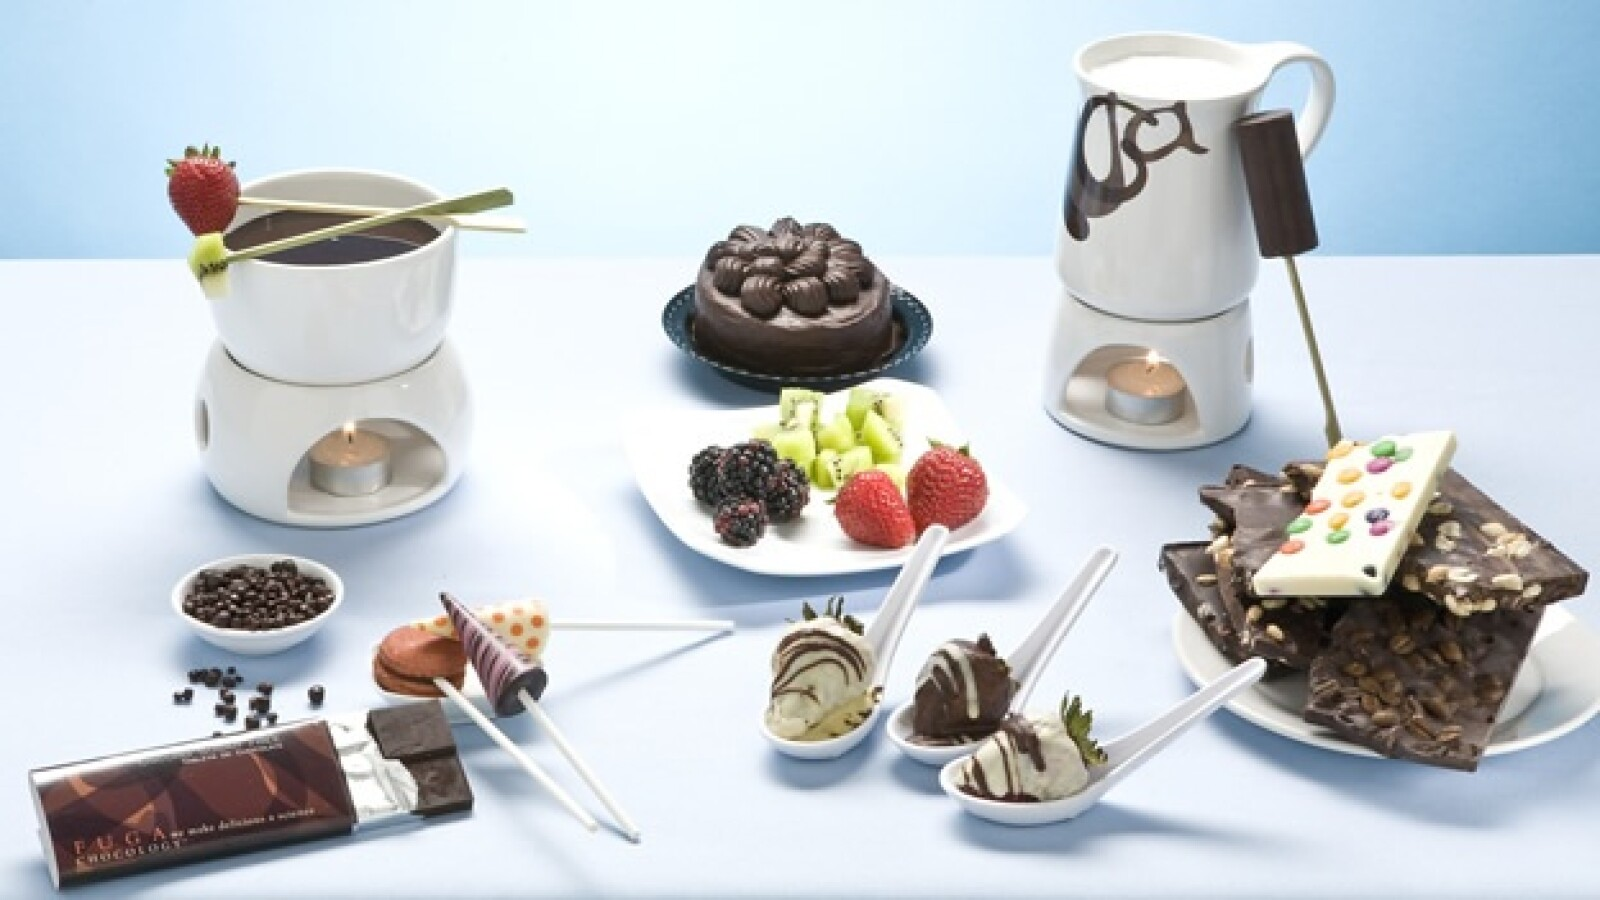 La revista Balance presenta 8 formas diferentes de disfrutar el chocolate.